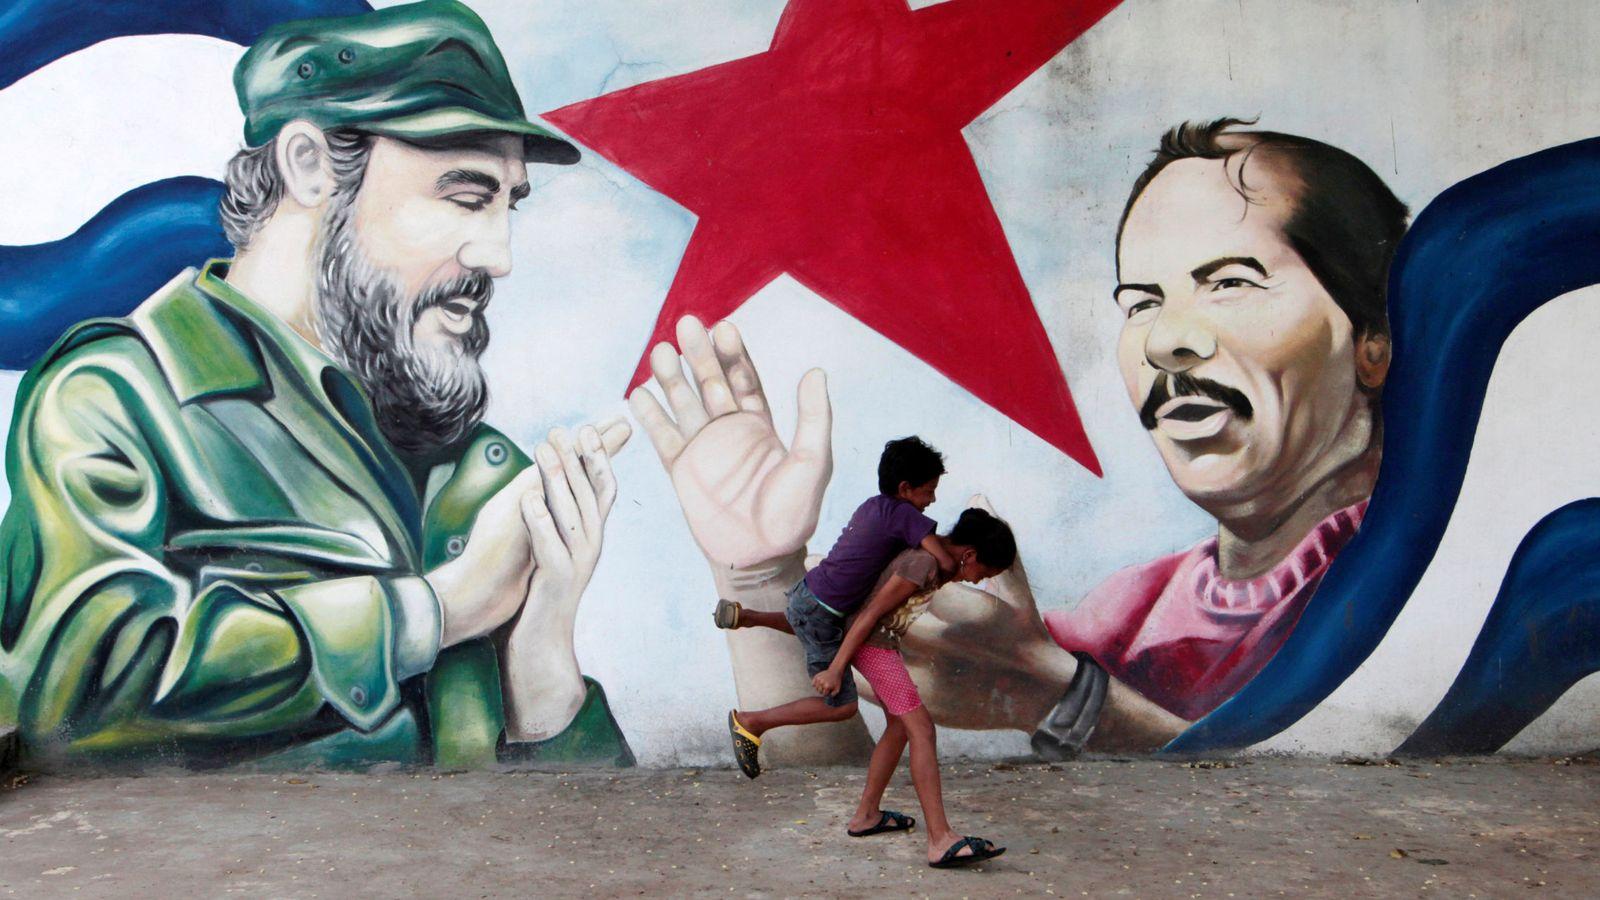 Foto: Dos niños corren frente a una mural de Fidel Castro y el presidente de Nicaragua Daniel Ortega. (Reuters)